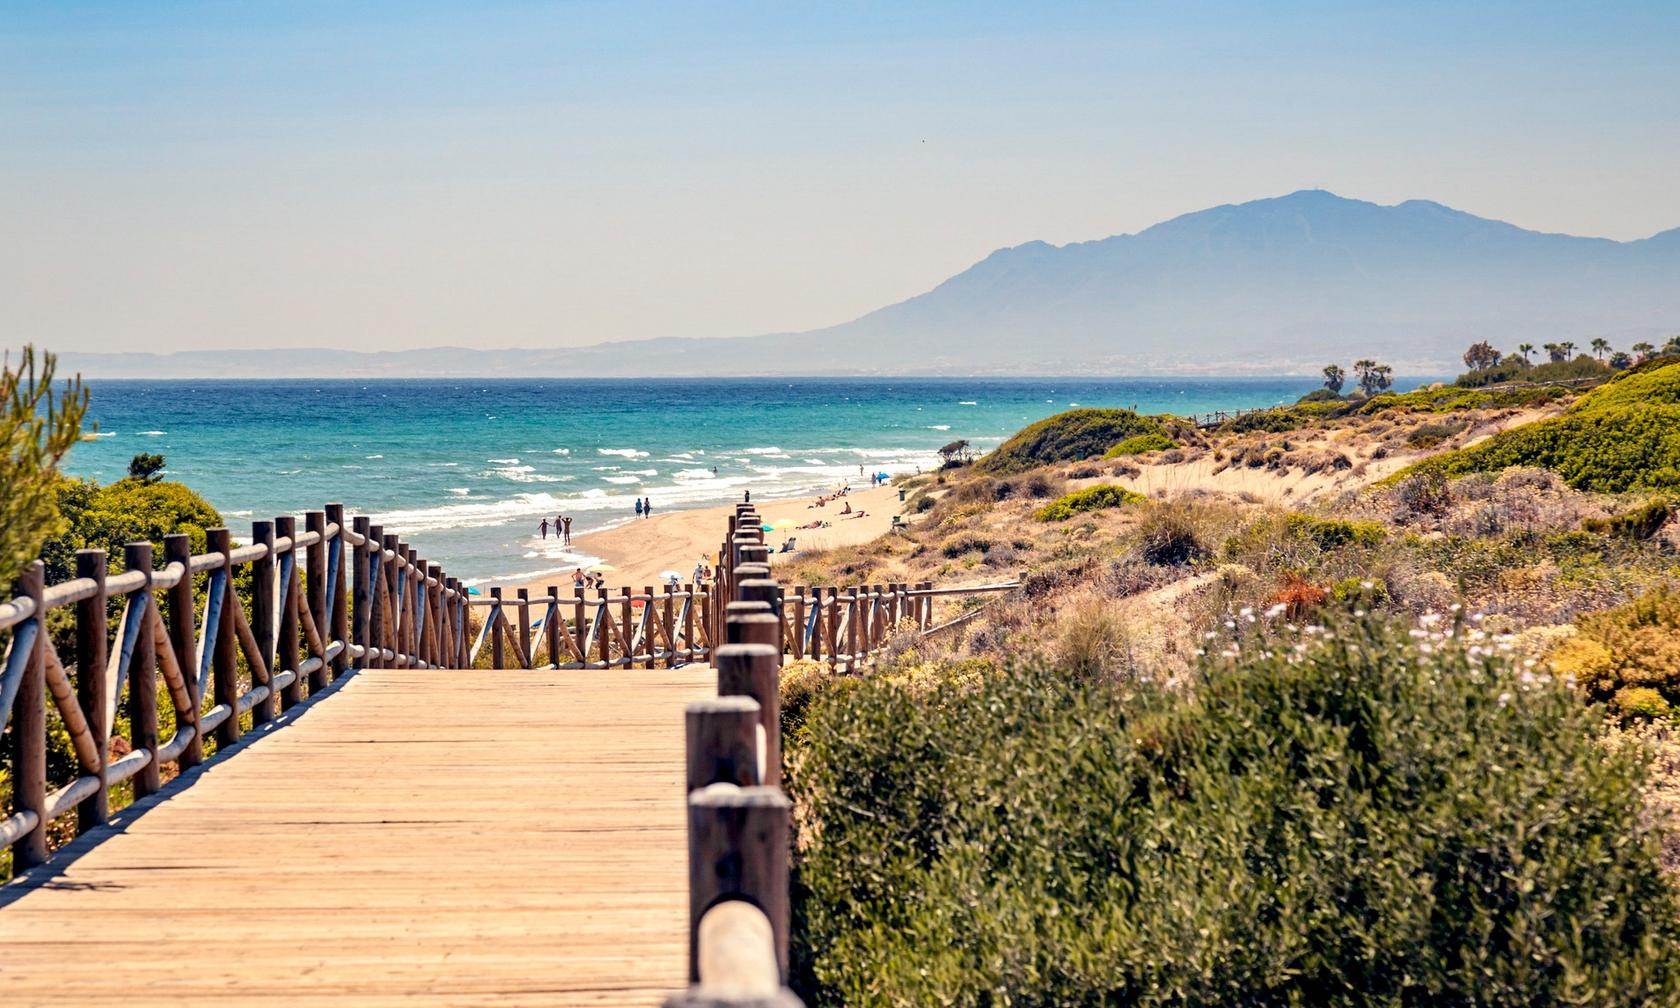 Vacation rentals in Marbella